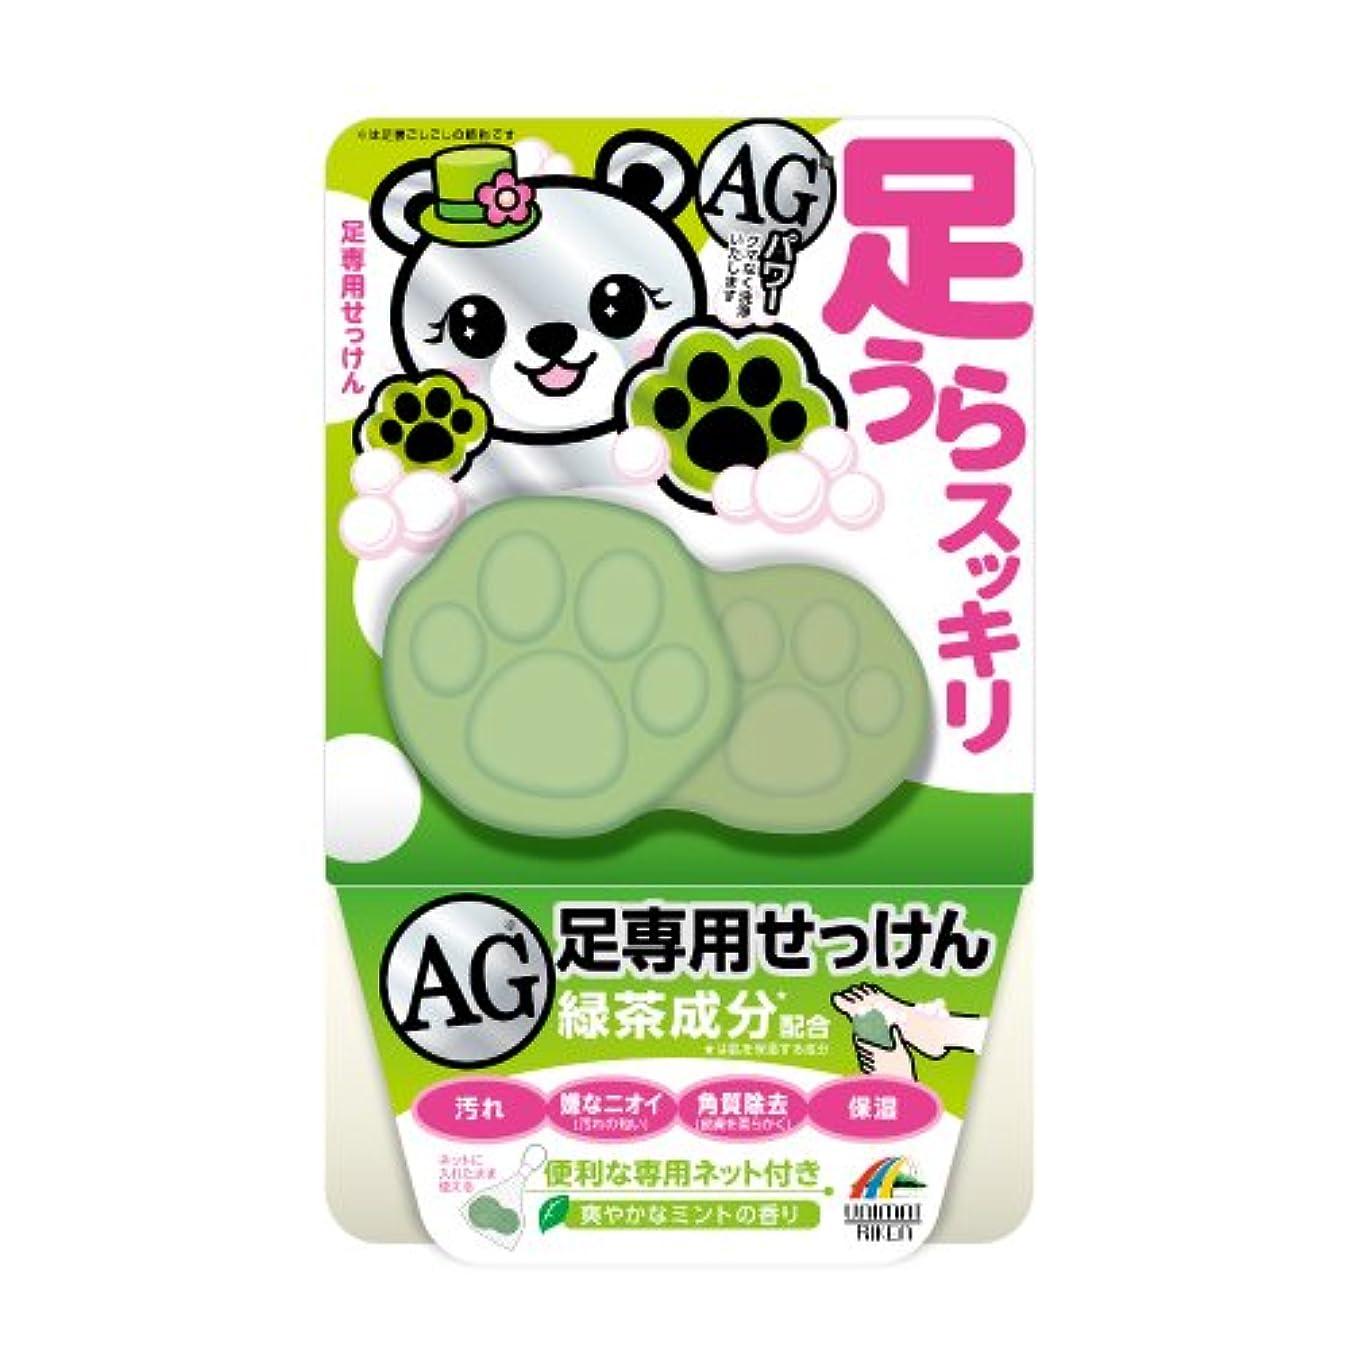 緑フレームワークペストリーユニマットリケン 足裏スッキリAG石鹸(緑茶成分配合) 70g